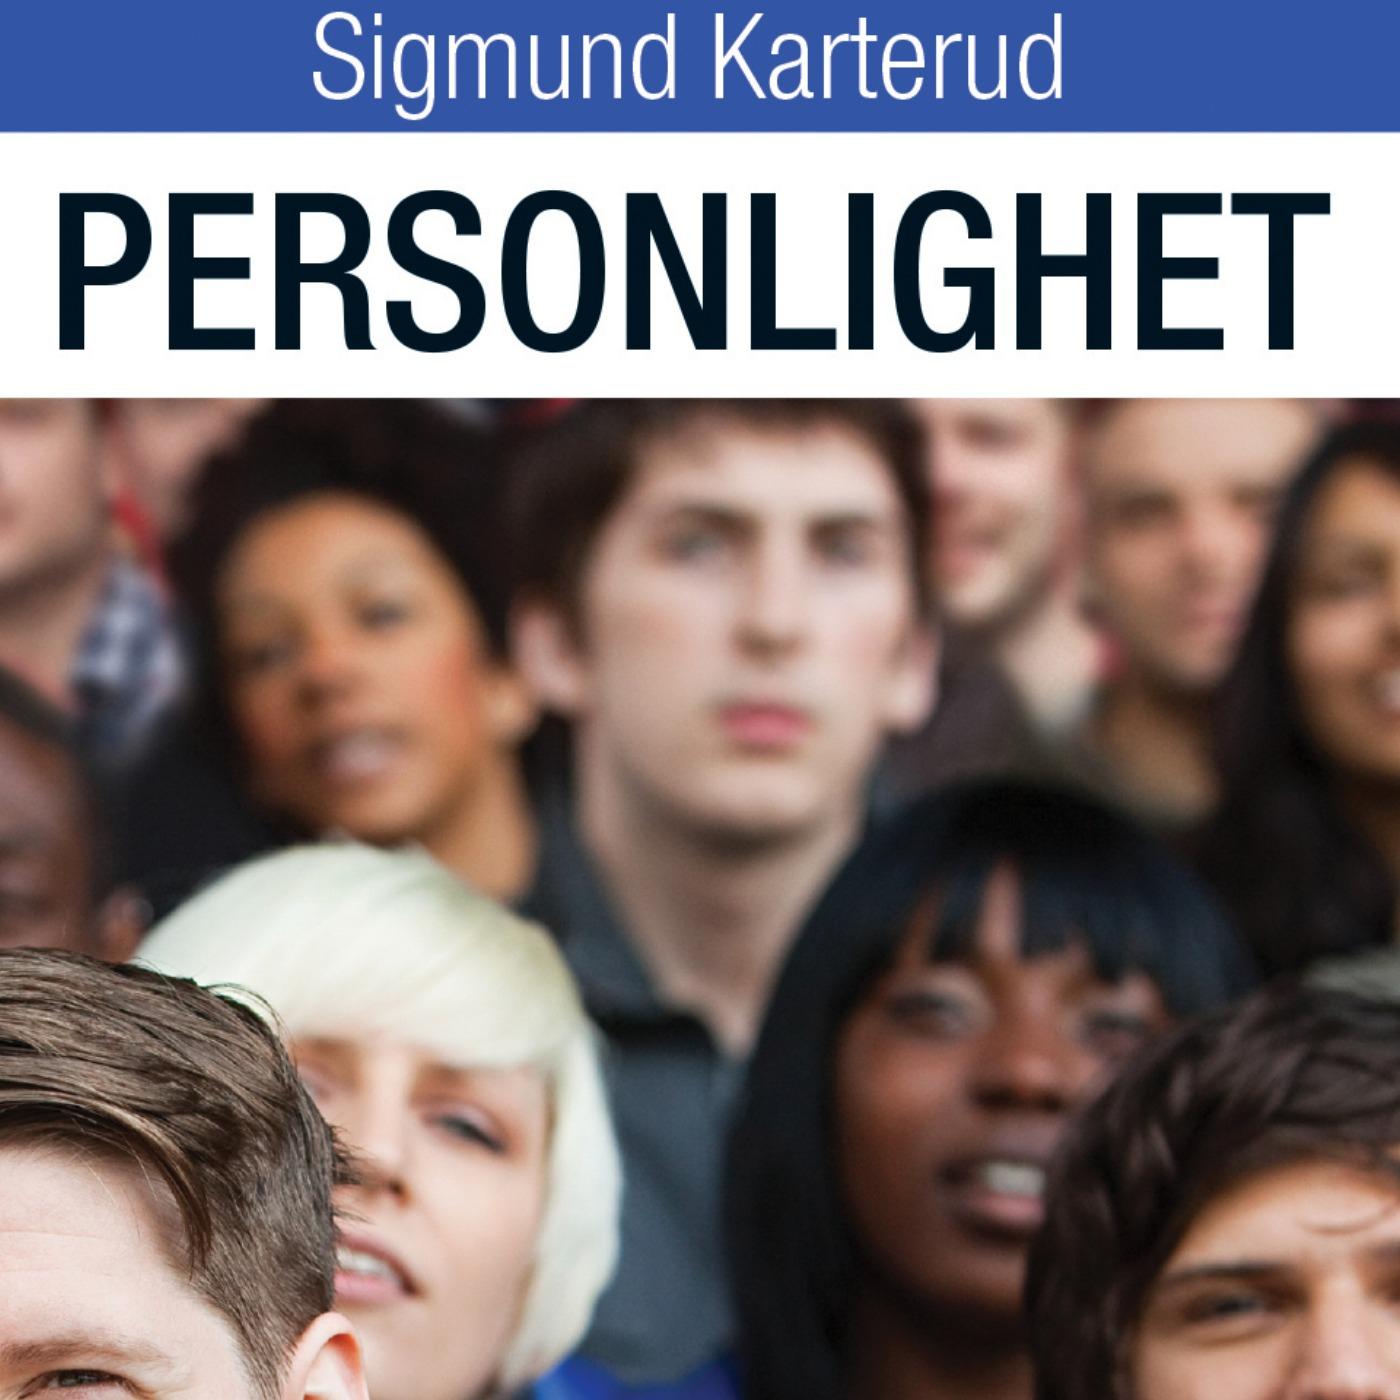 Personlighet med Sigmund Karterud